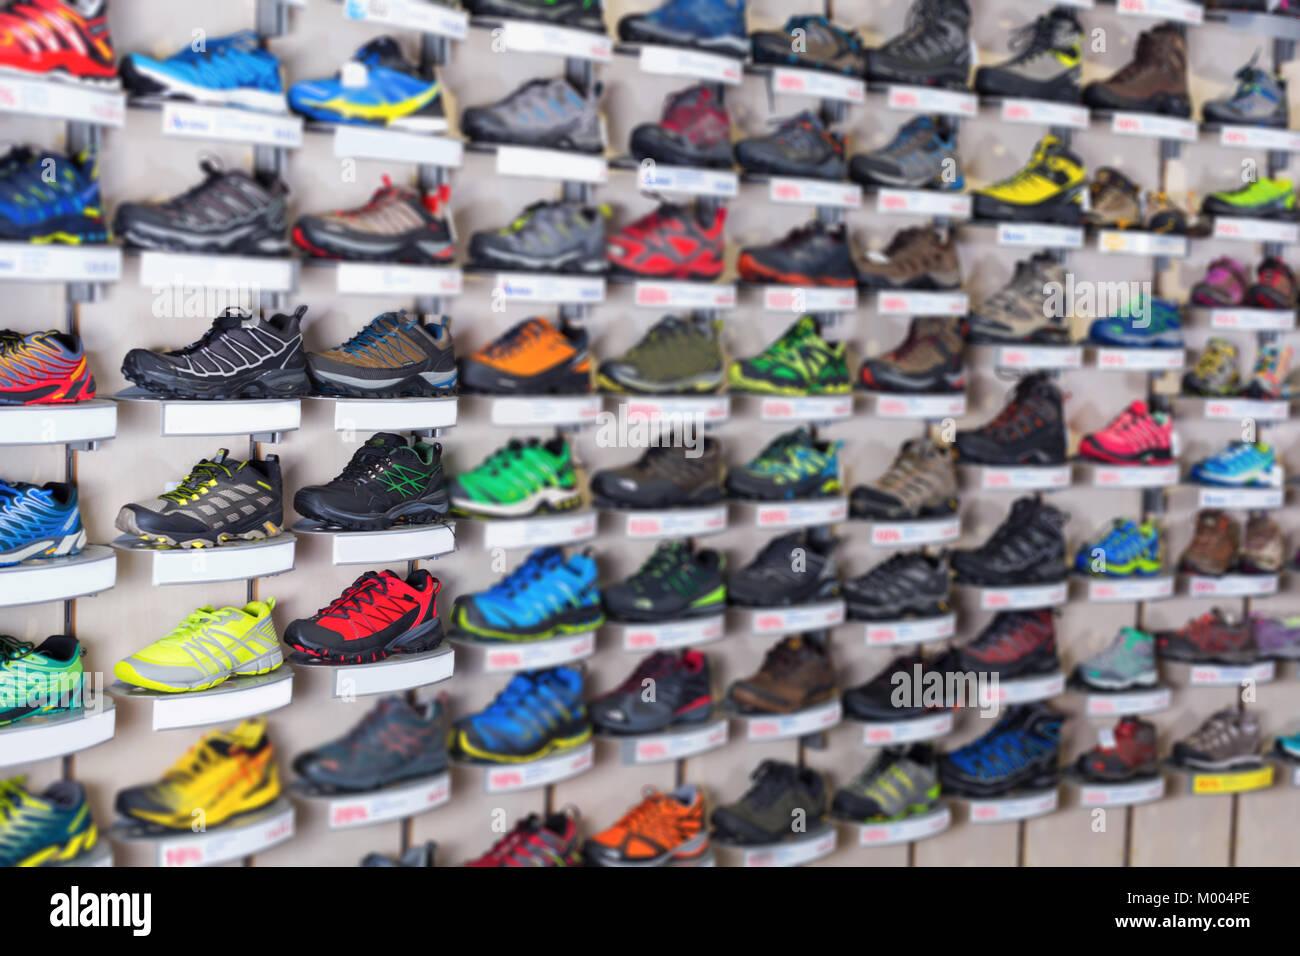 51e3c72681014 Imagen de calzado deportivo en el escaparate de la tienda de deportes